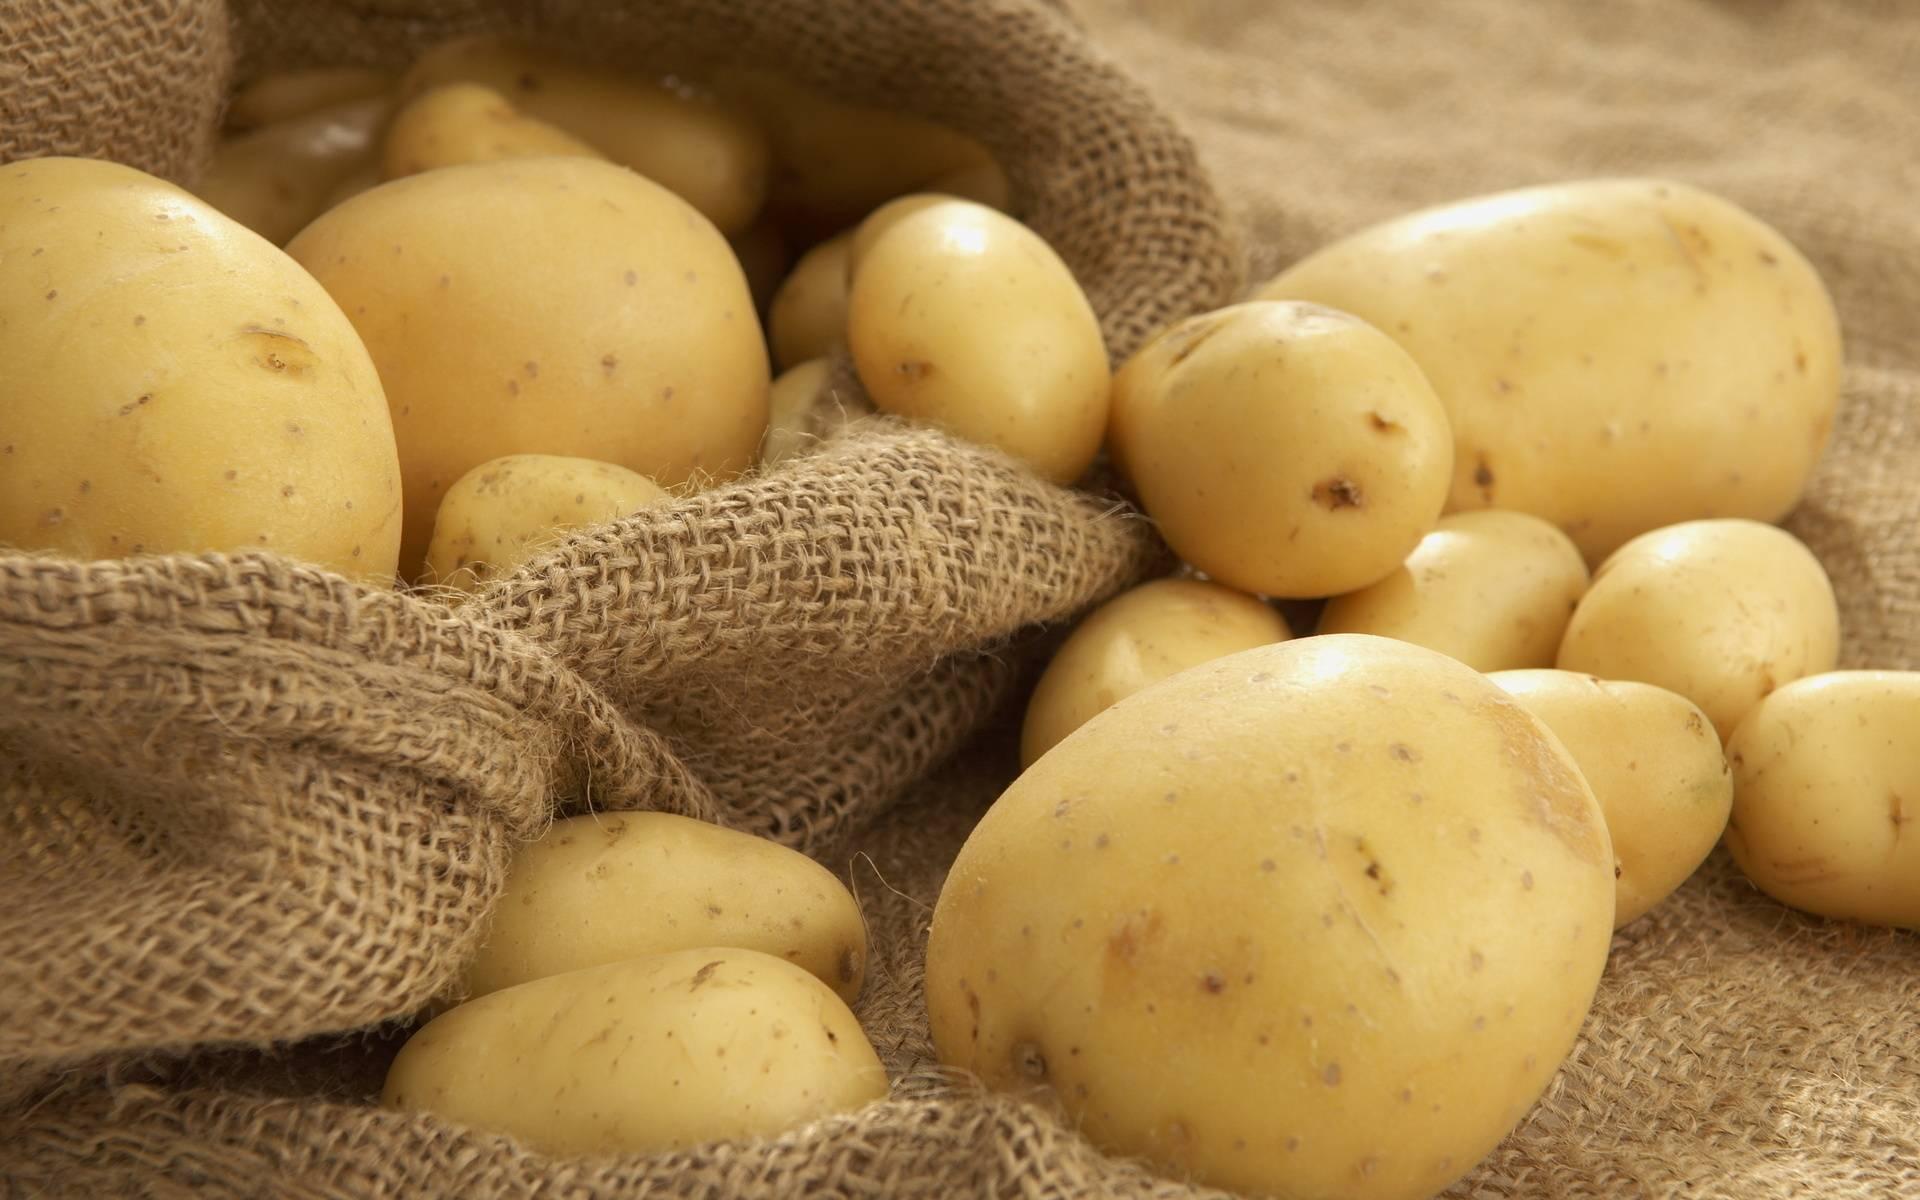 Когда копать картошку: признаки и сроки созревания, способы уборки картофеля